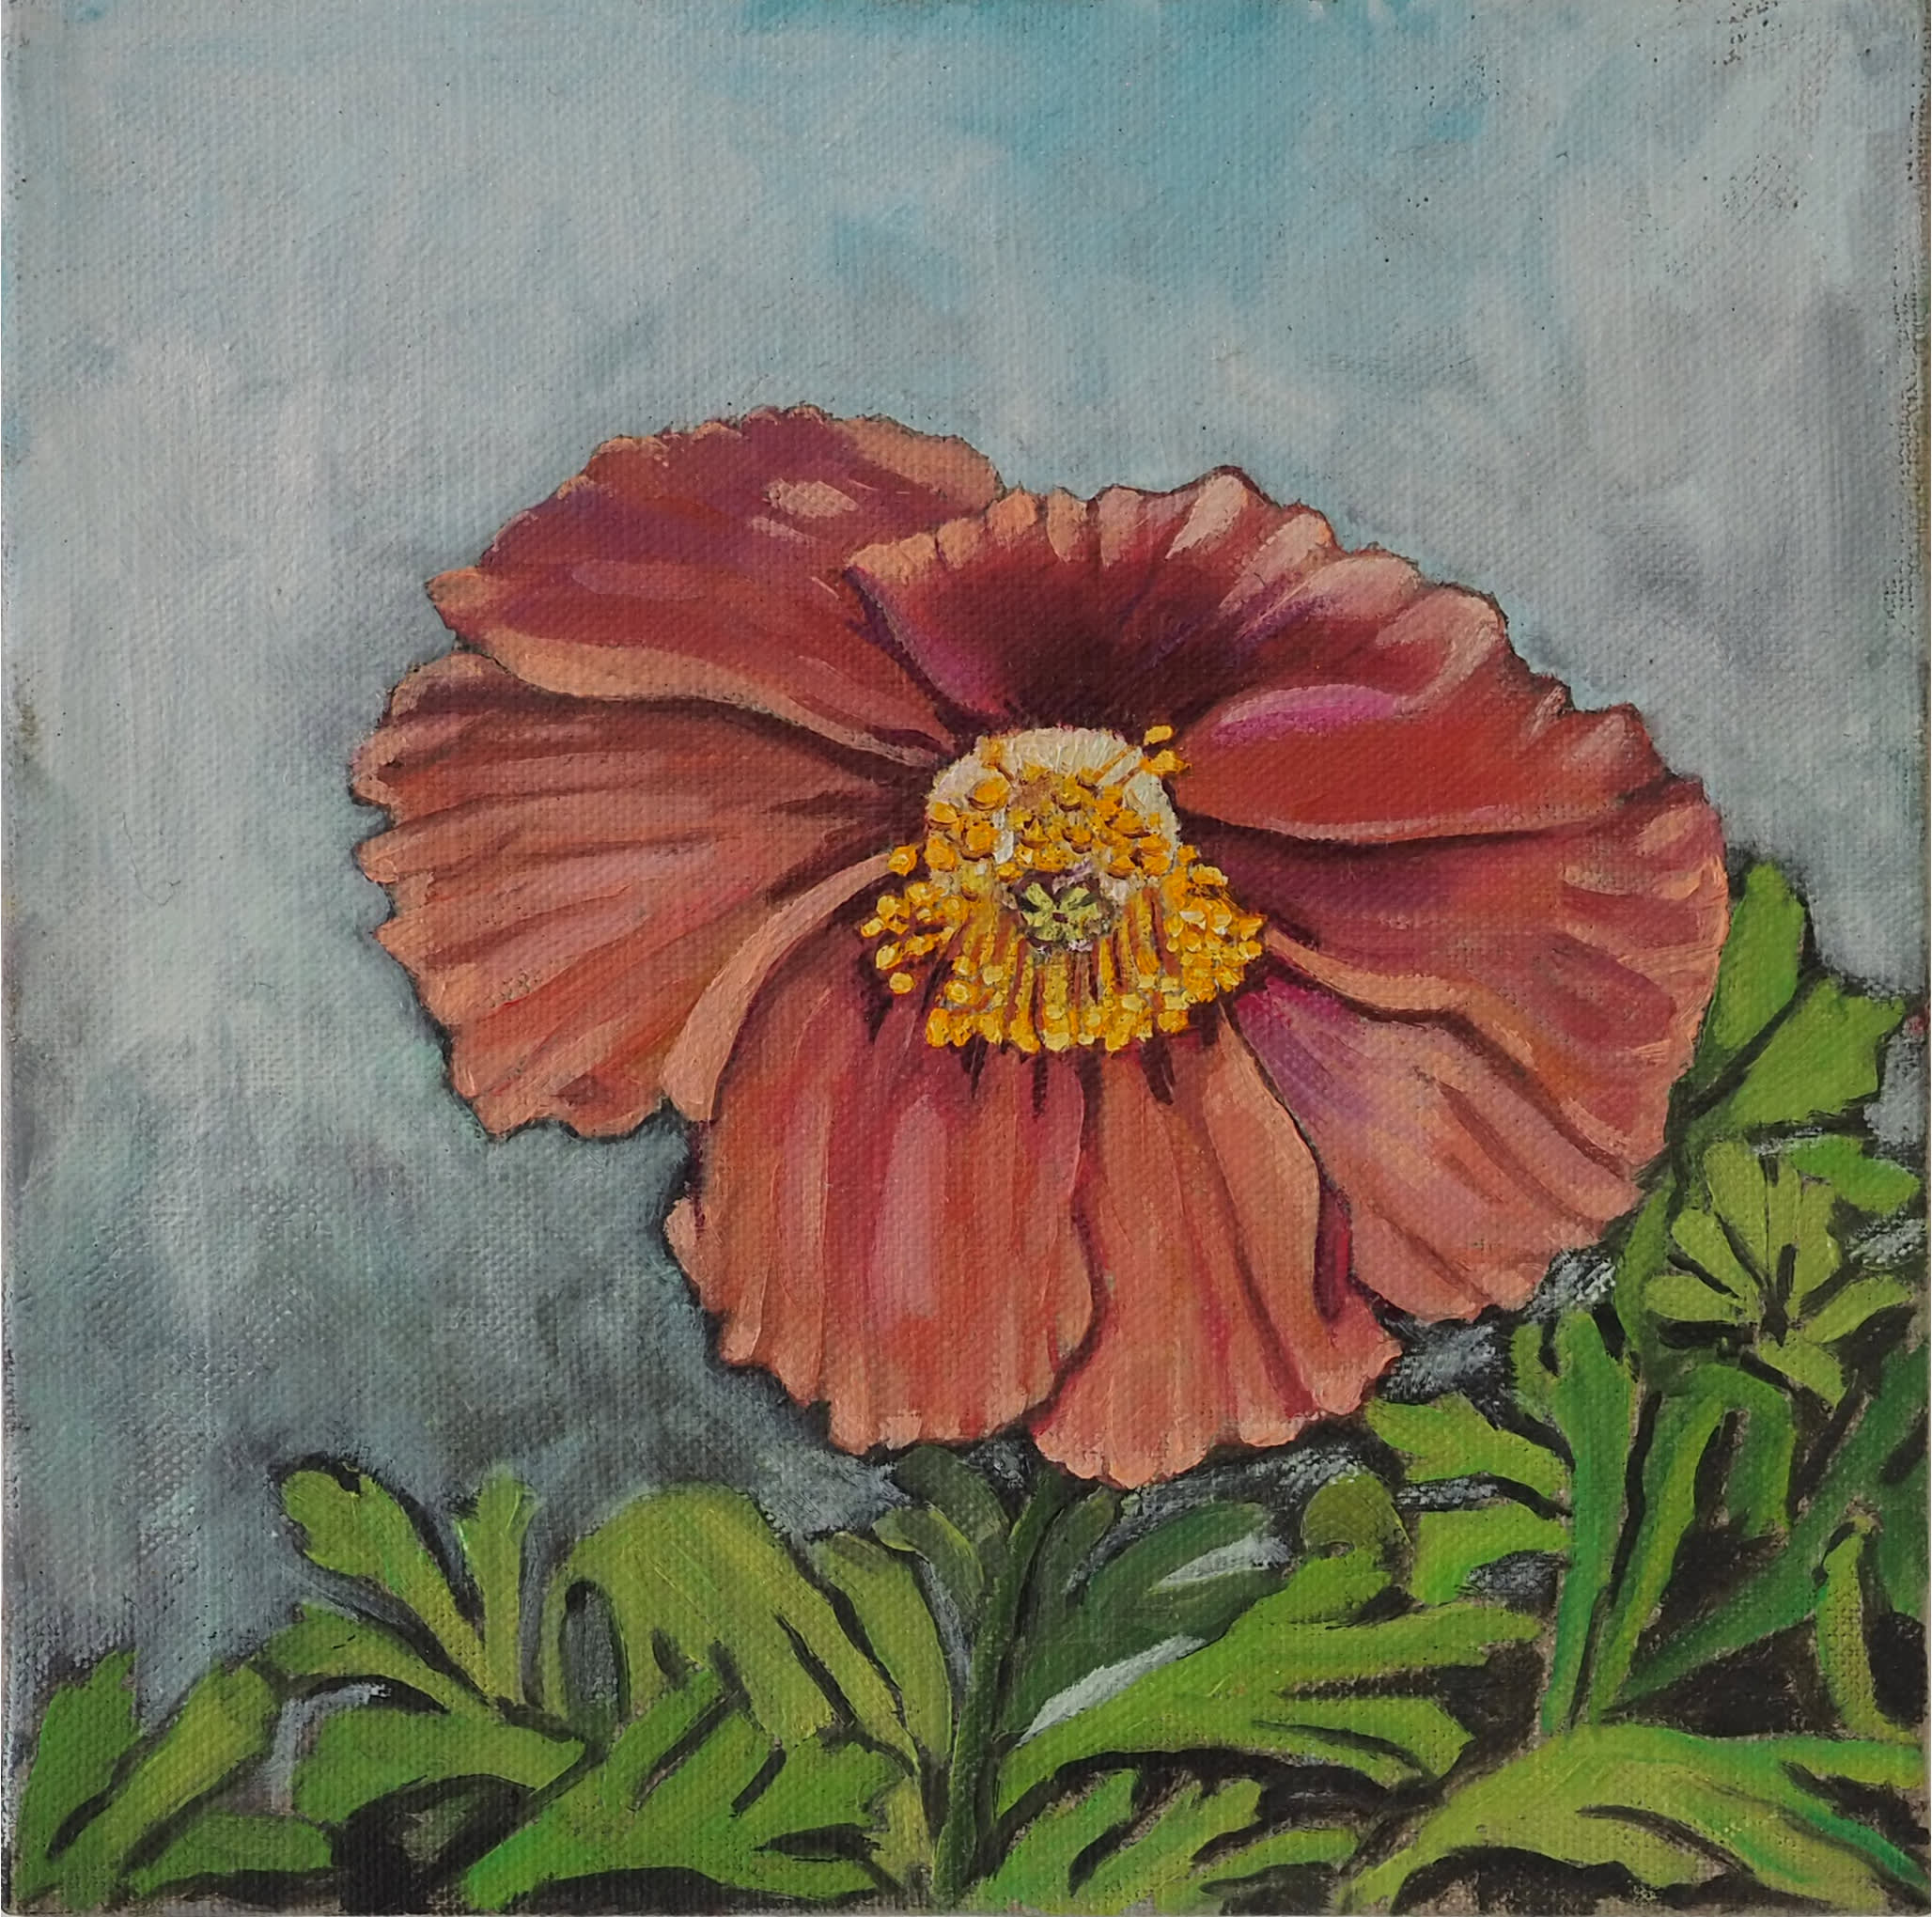 Lonely Poppy 20x20cm oil on linen board $220